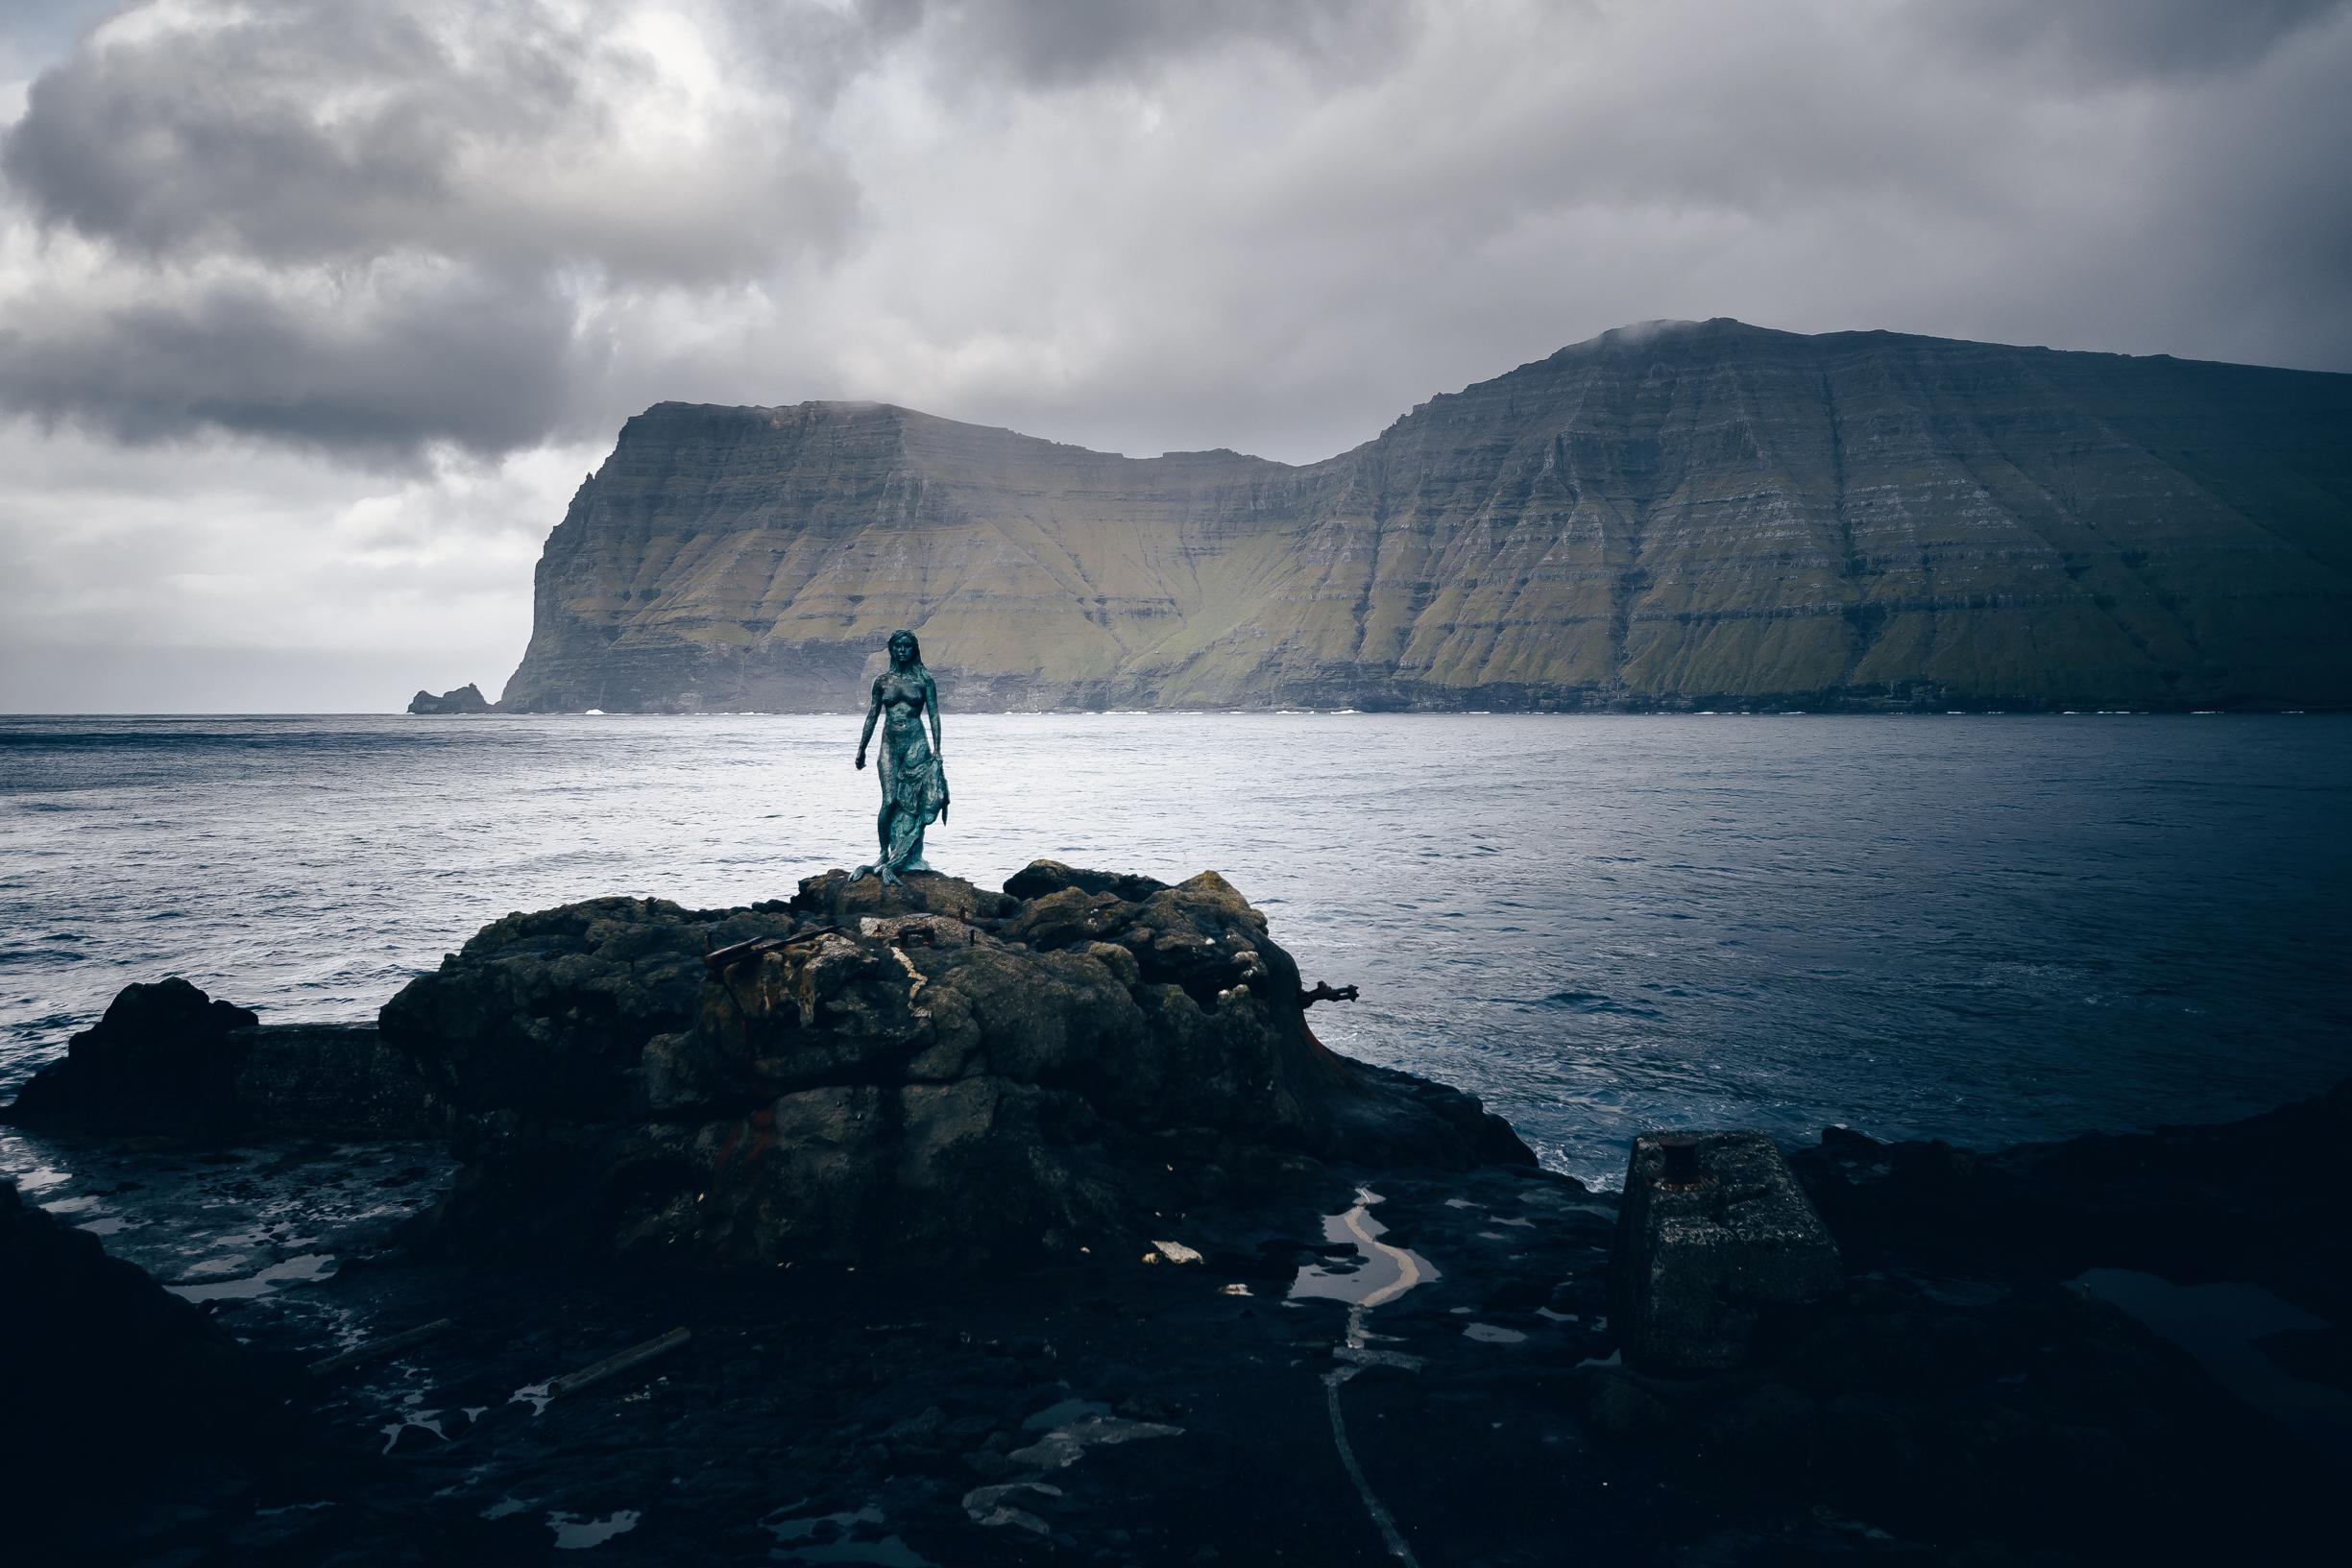 Kópakonan (Seal Woman)